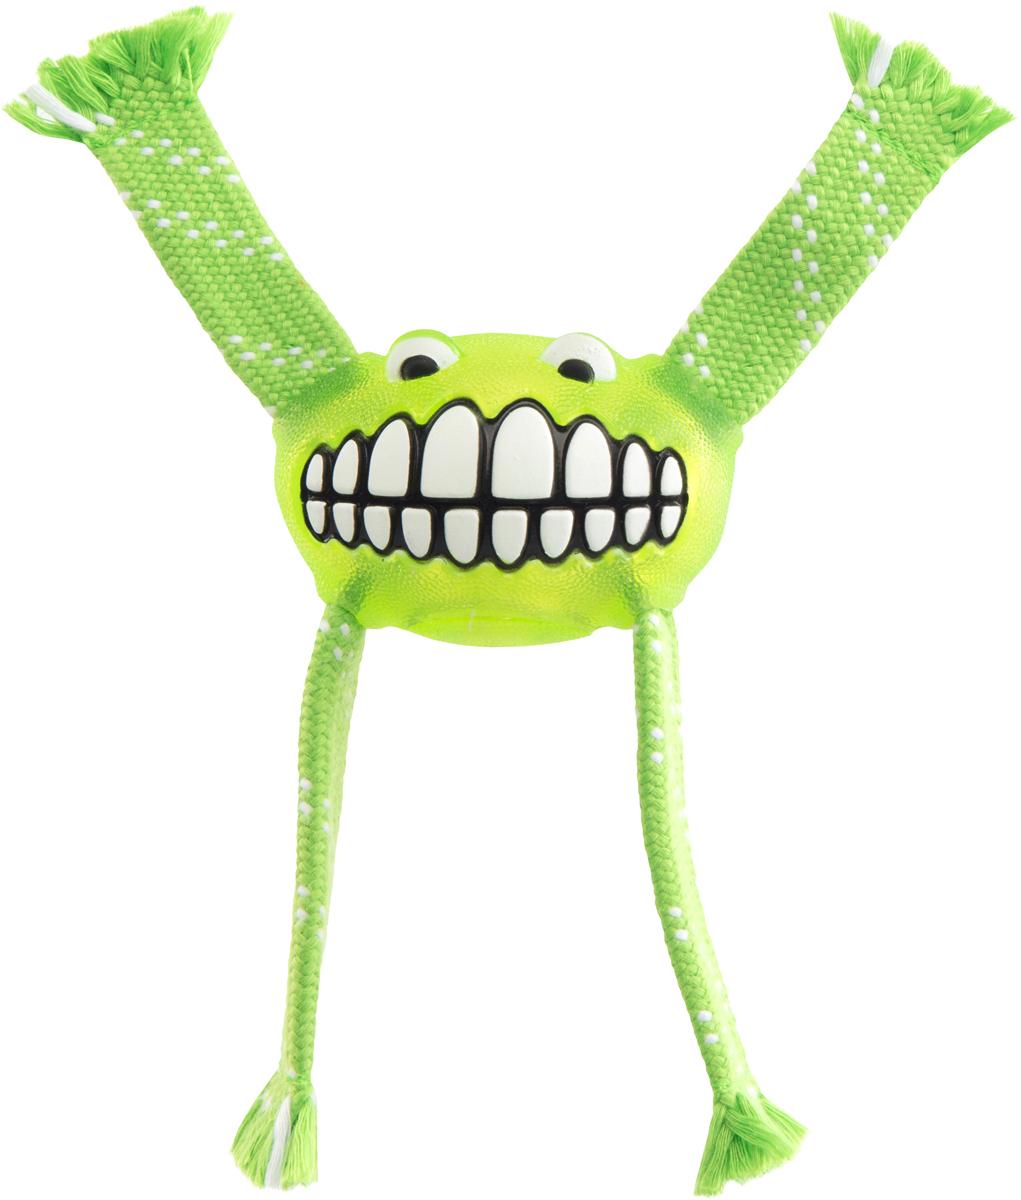 Игрушка для собак Rogz Flossy Grinz. Зубы, цвет: лайм, длина 16,5 см0120710Игрушка для собак Rogz Flossy Grinz. Зубы типа Отними - очень прочная и крепкая.Внутри – пищалка, что поддерживает интерес животного к игре..Уникальная функция игрушки - чистит язык и зубы.